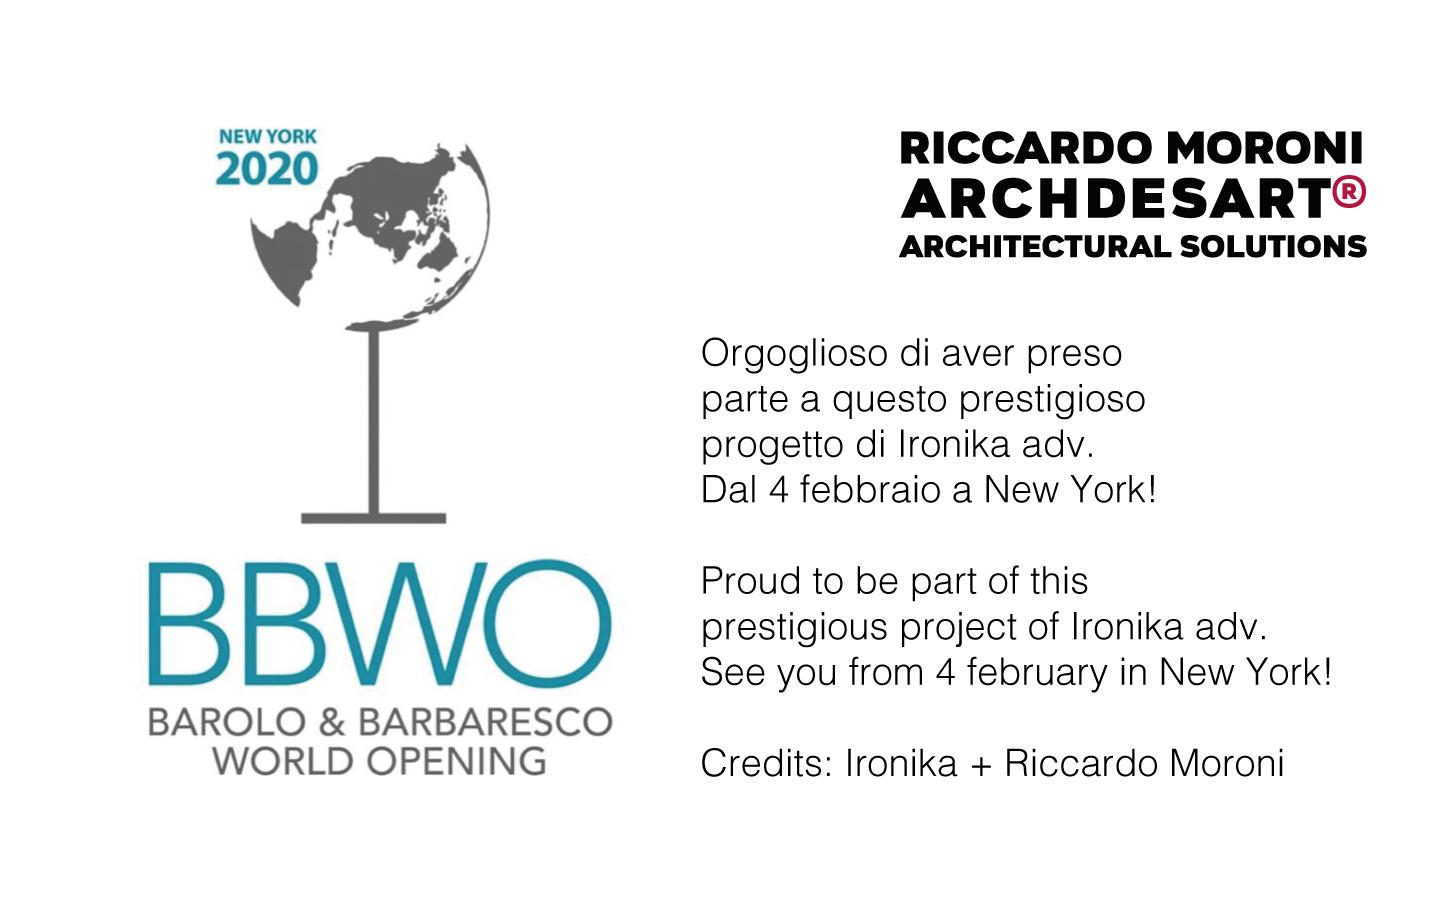 BBWO_Archdesart